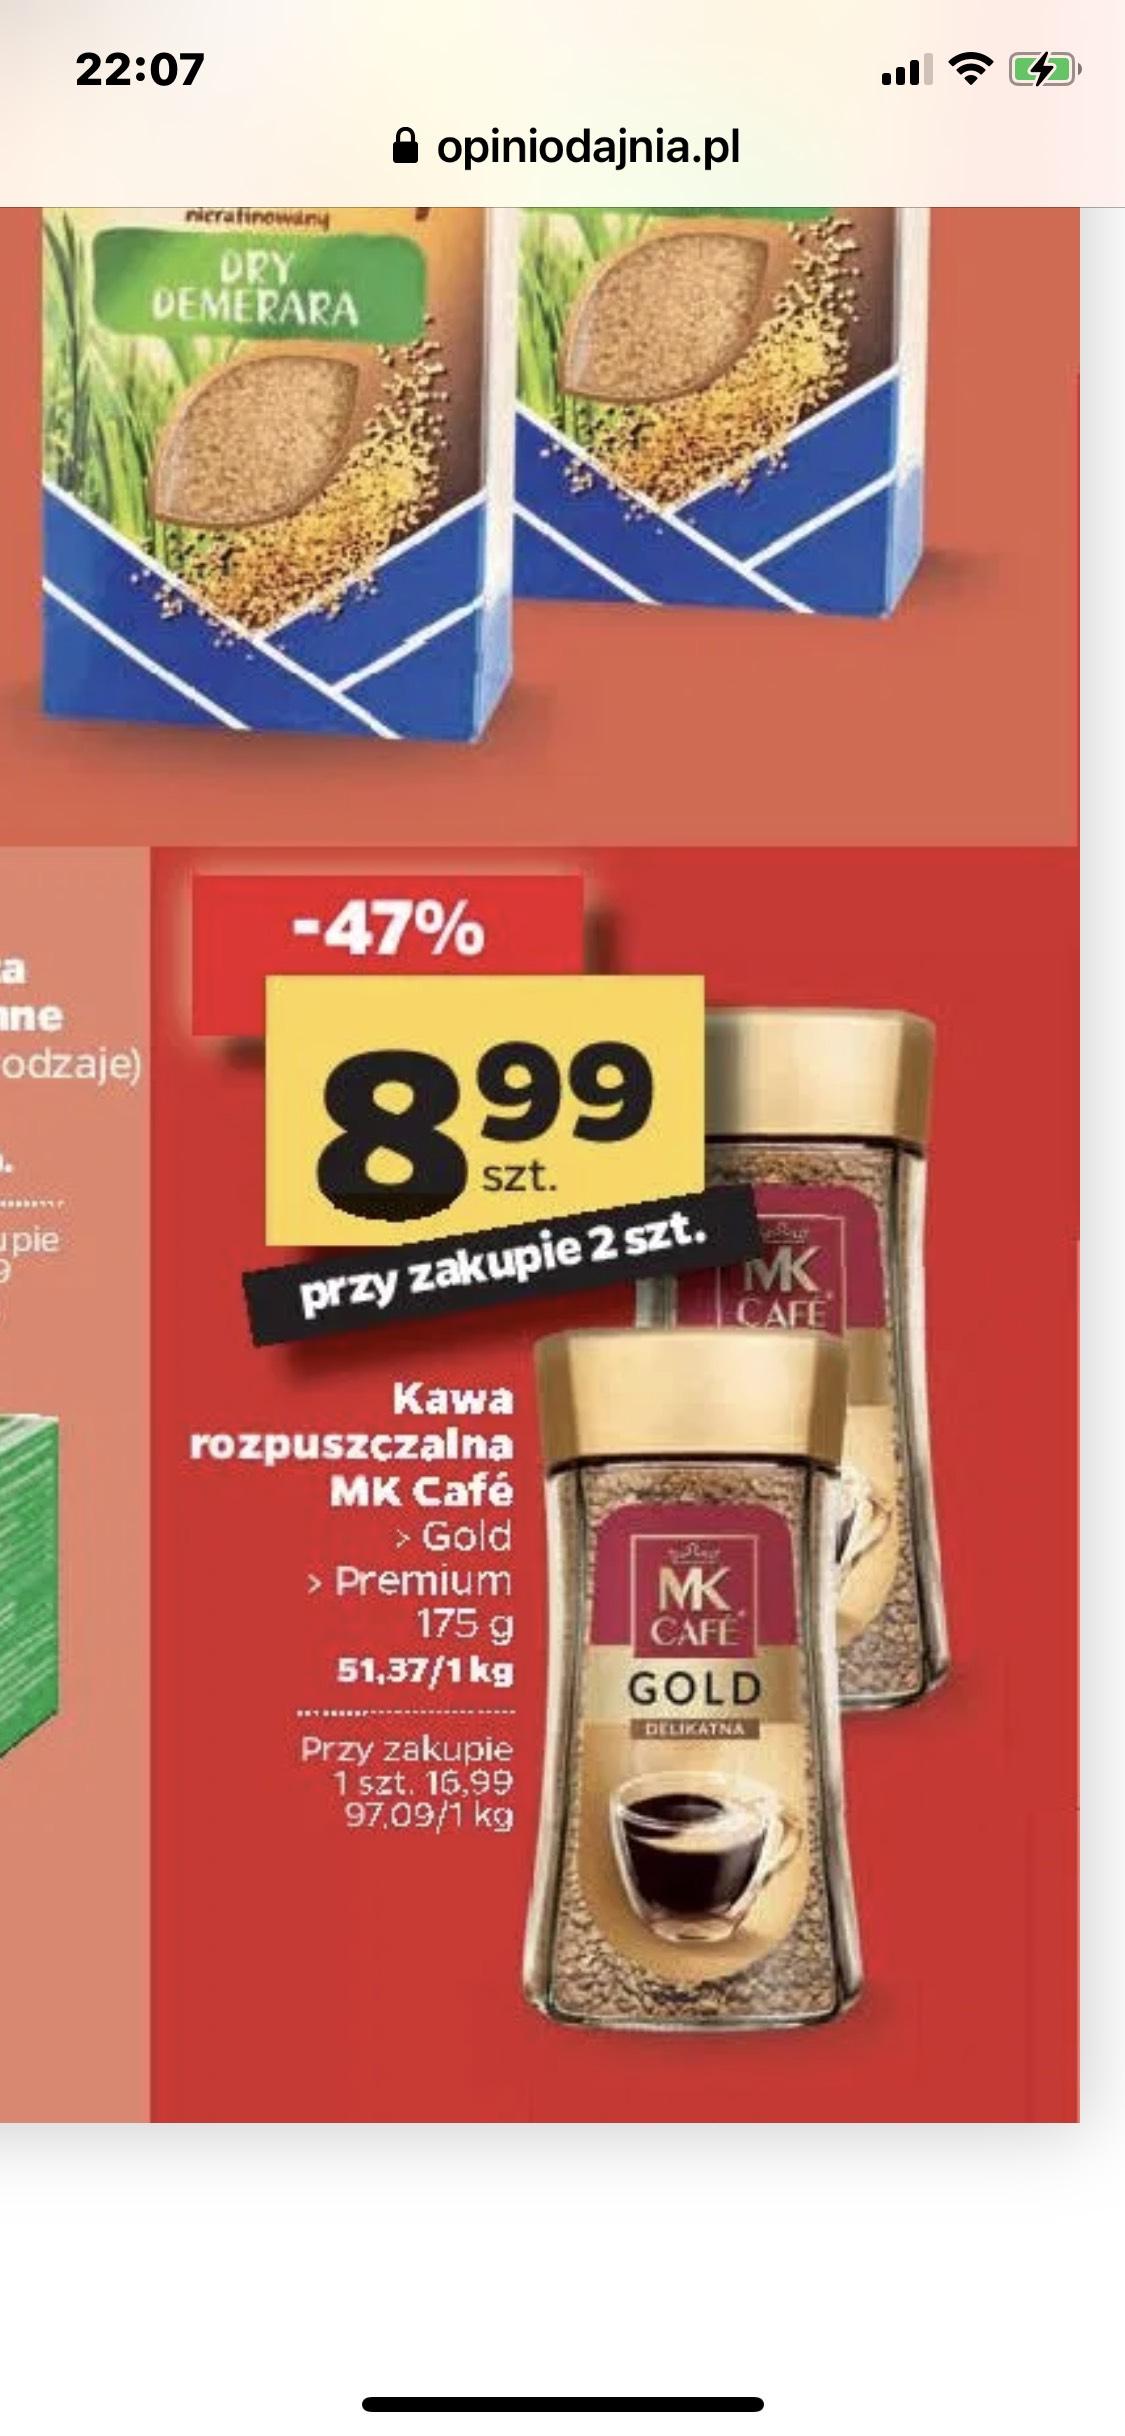 MK Cafe Gold Premium kawa rozpuszcza 175g przy zakupie 2 sztuk NETTO